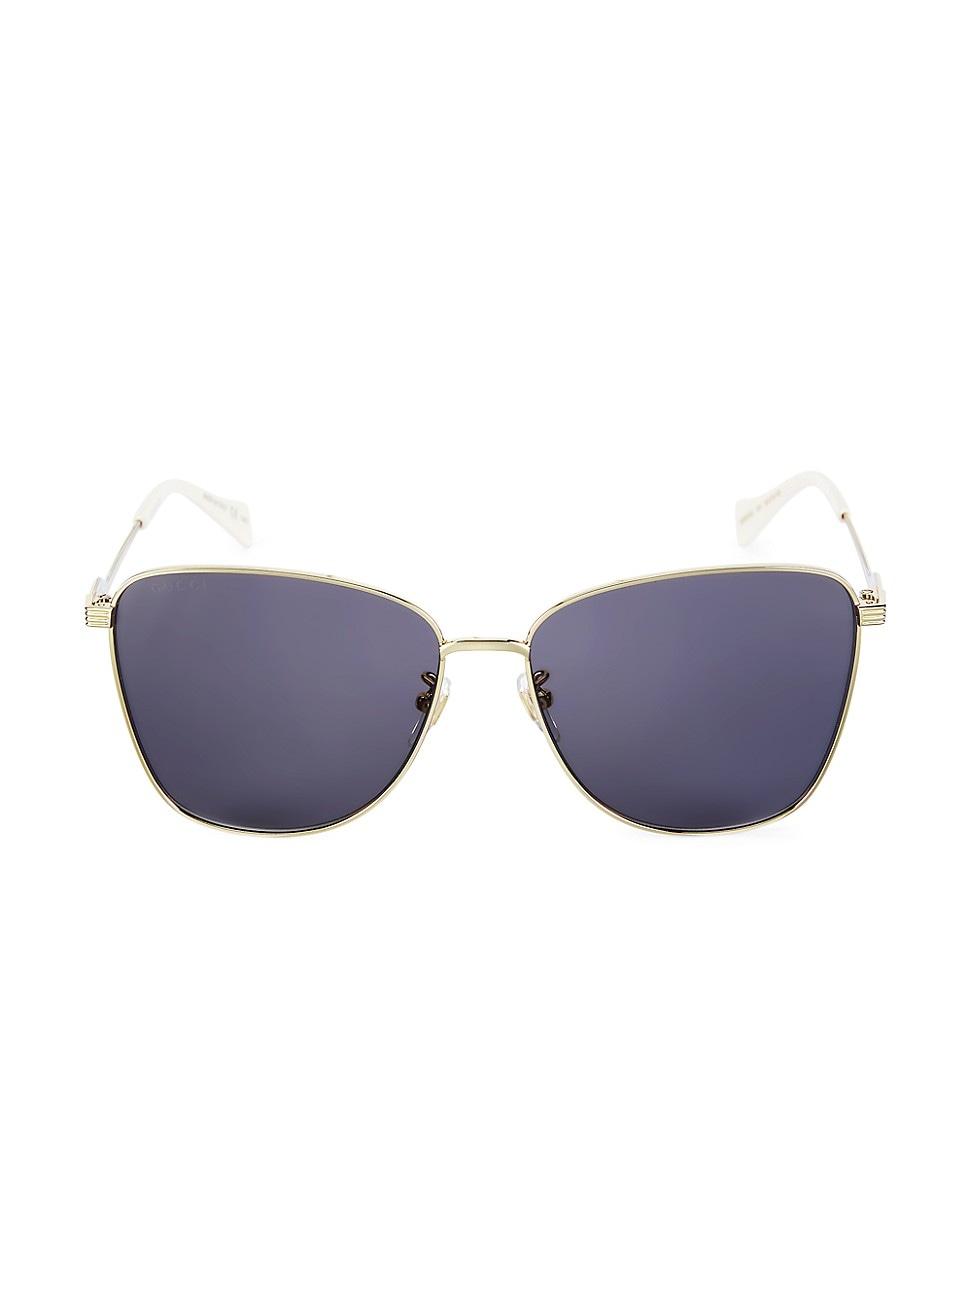 Gucci Women's 60mm Square Sunglasses In Gold